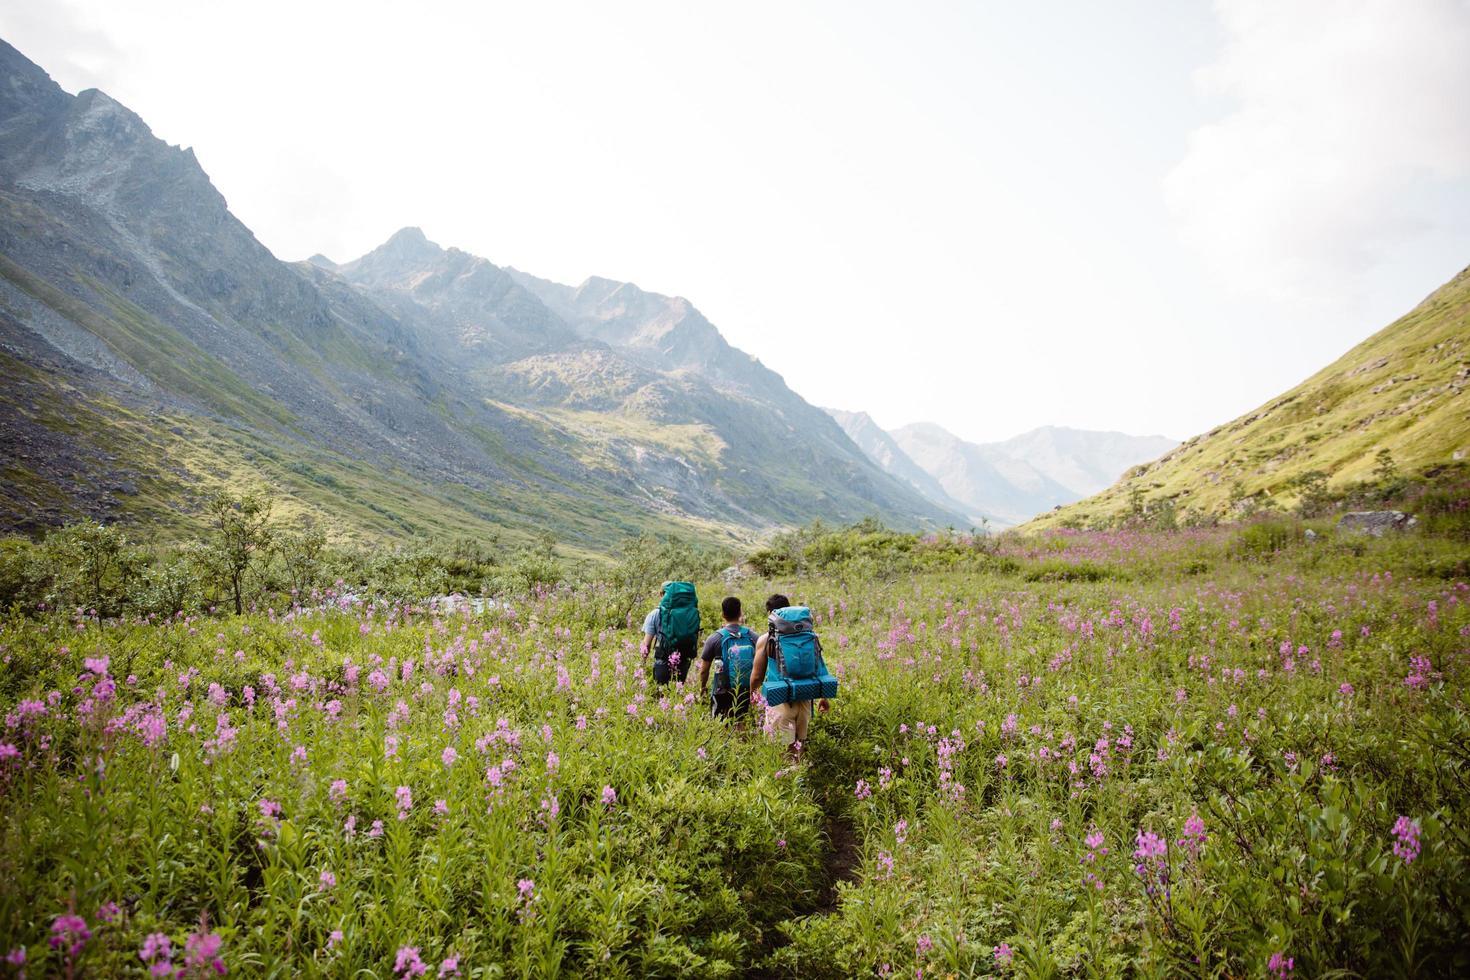 Hikers walking through wildflowers in Alaska photo